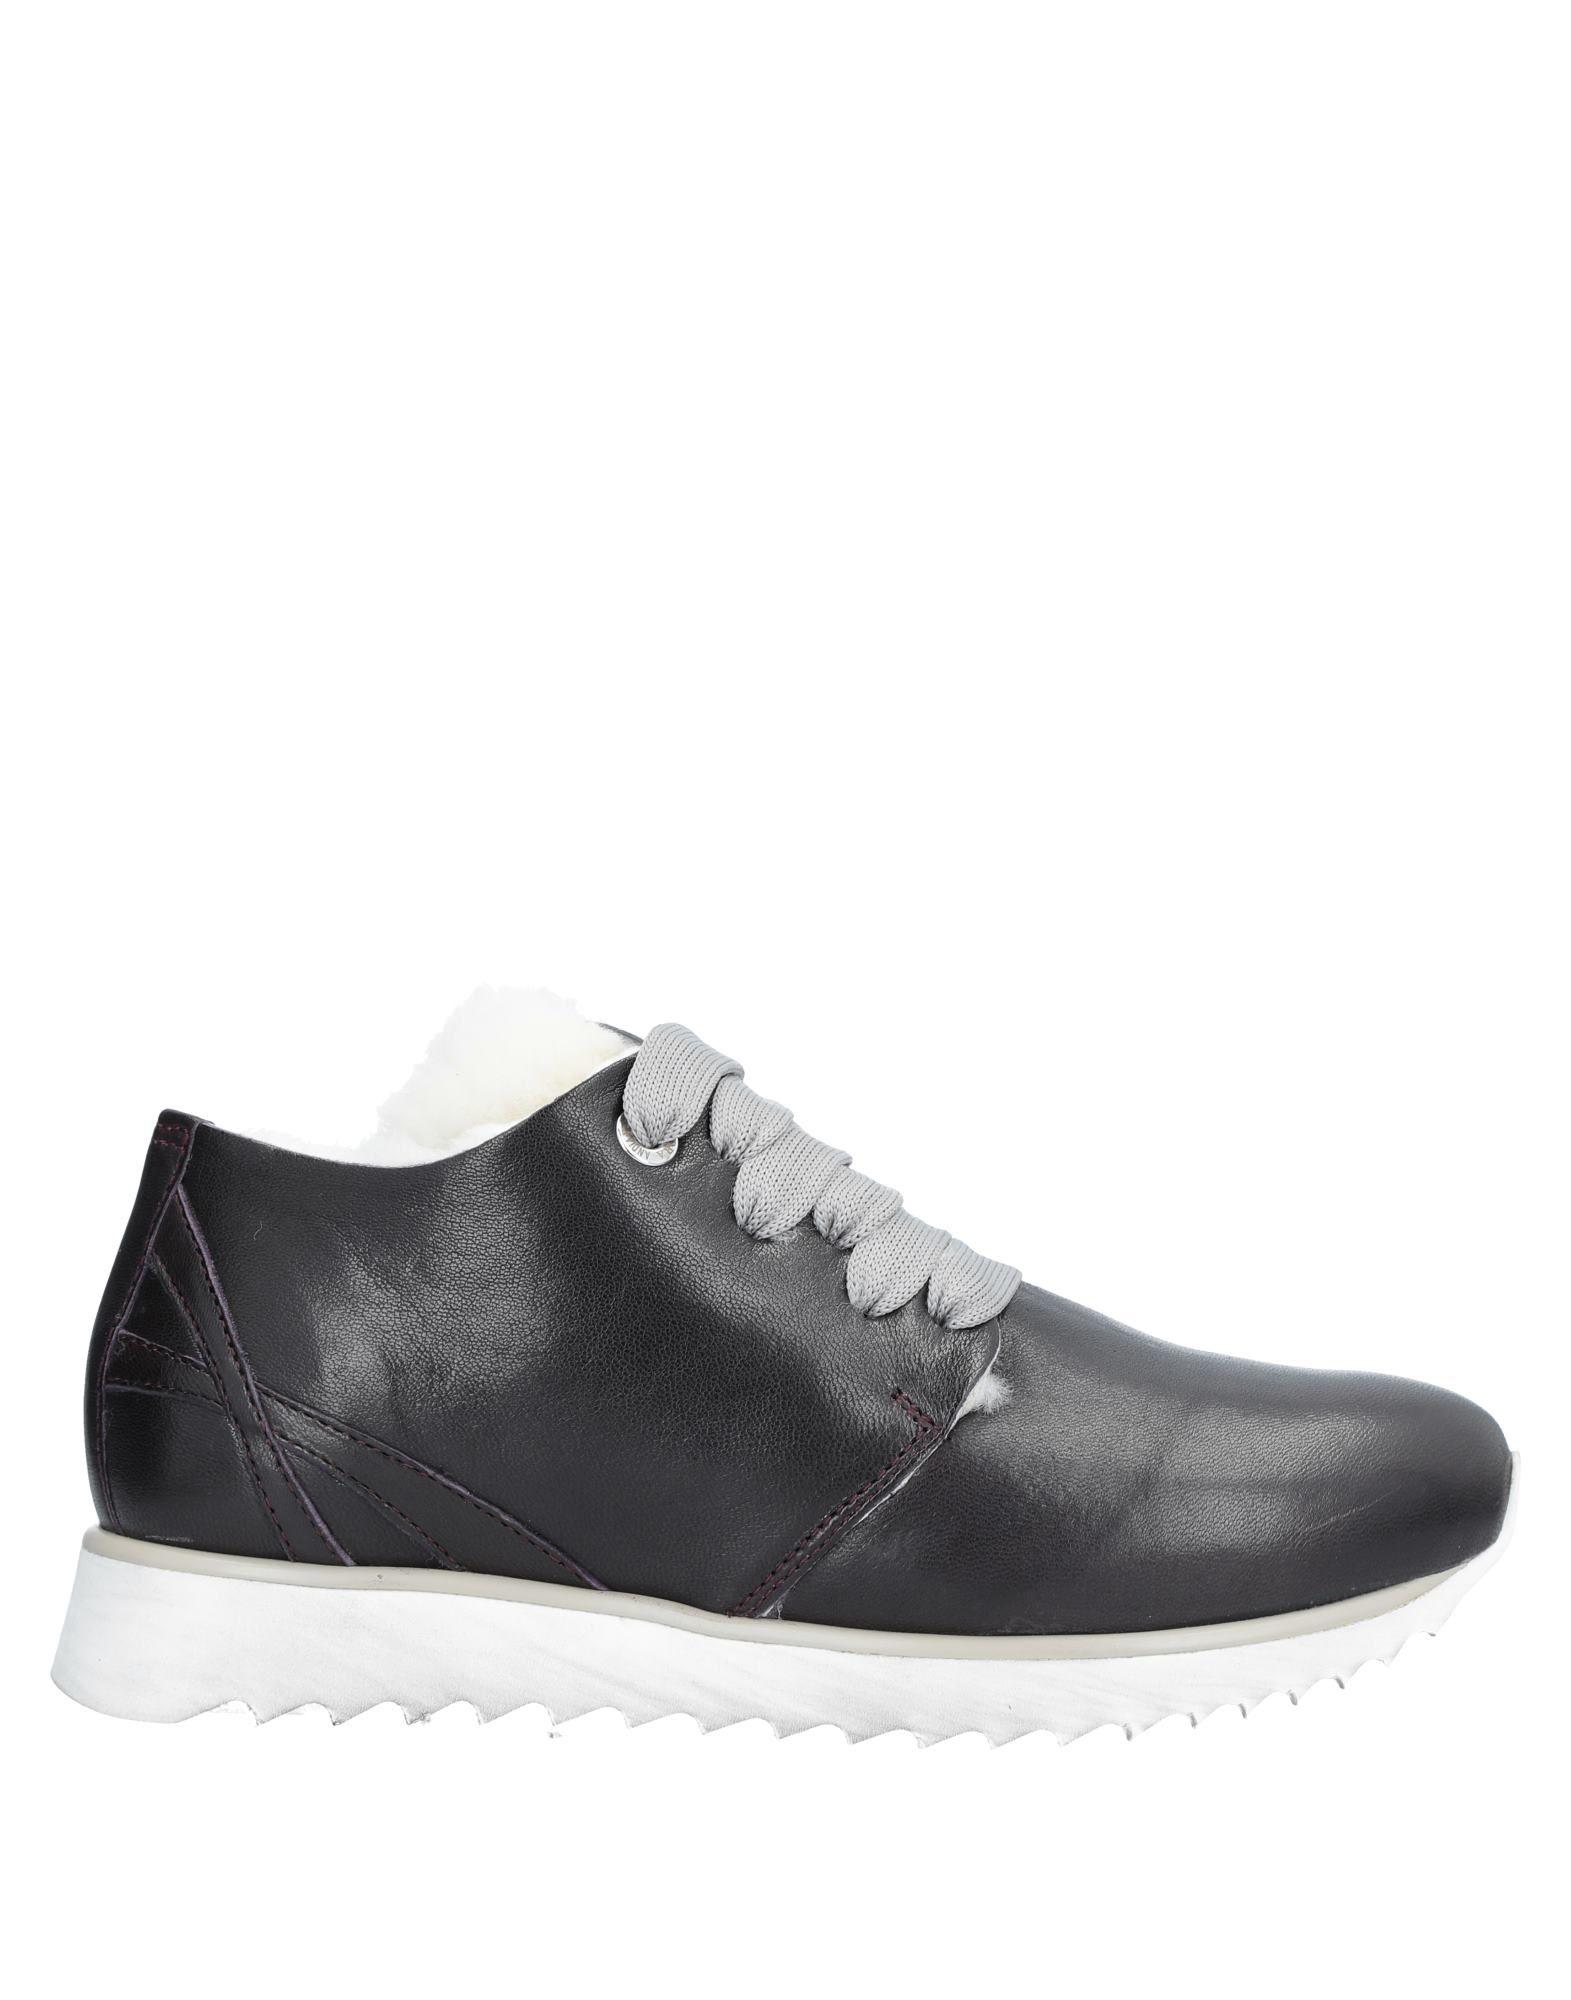 Фото - ANDÌA FORA Обувь на шнурках обувь на высокой платформе dkny